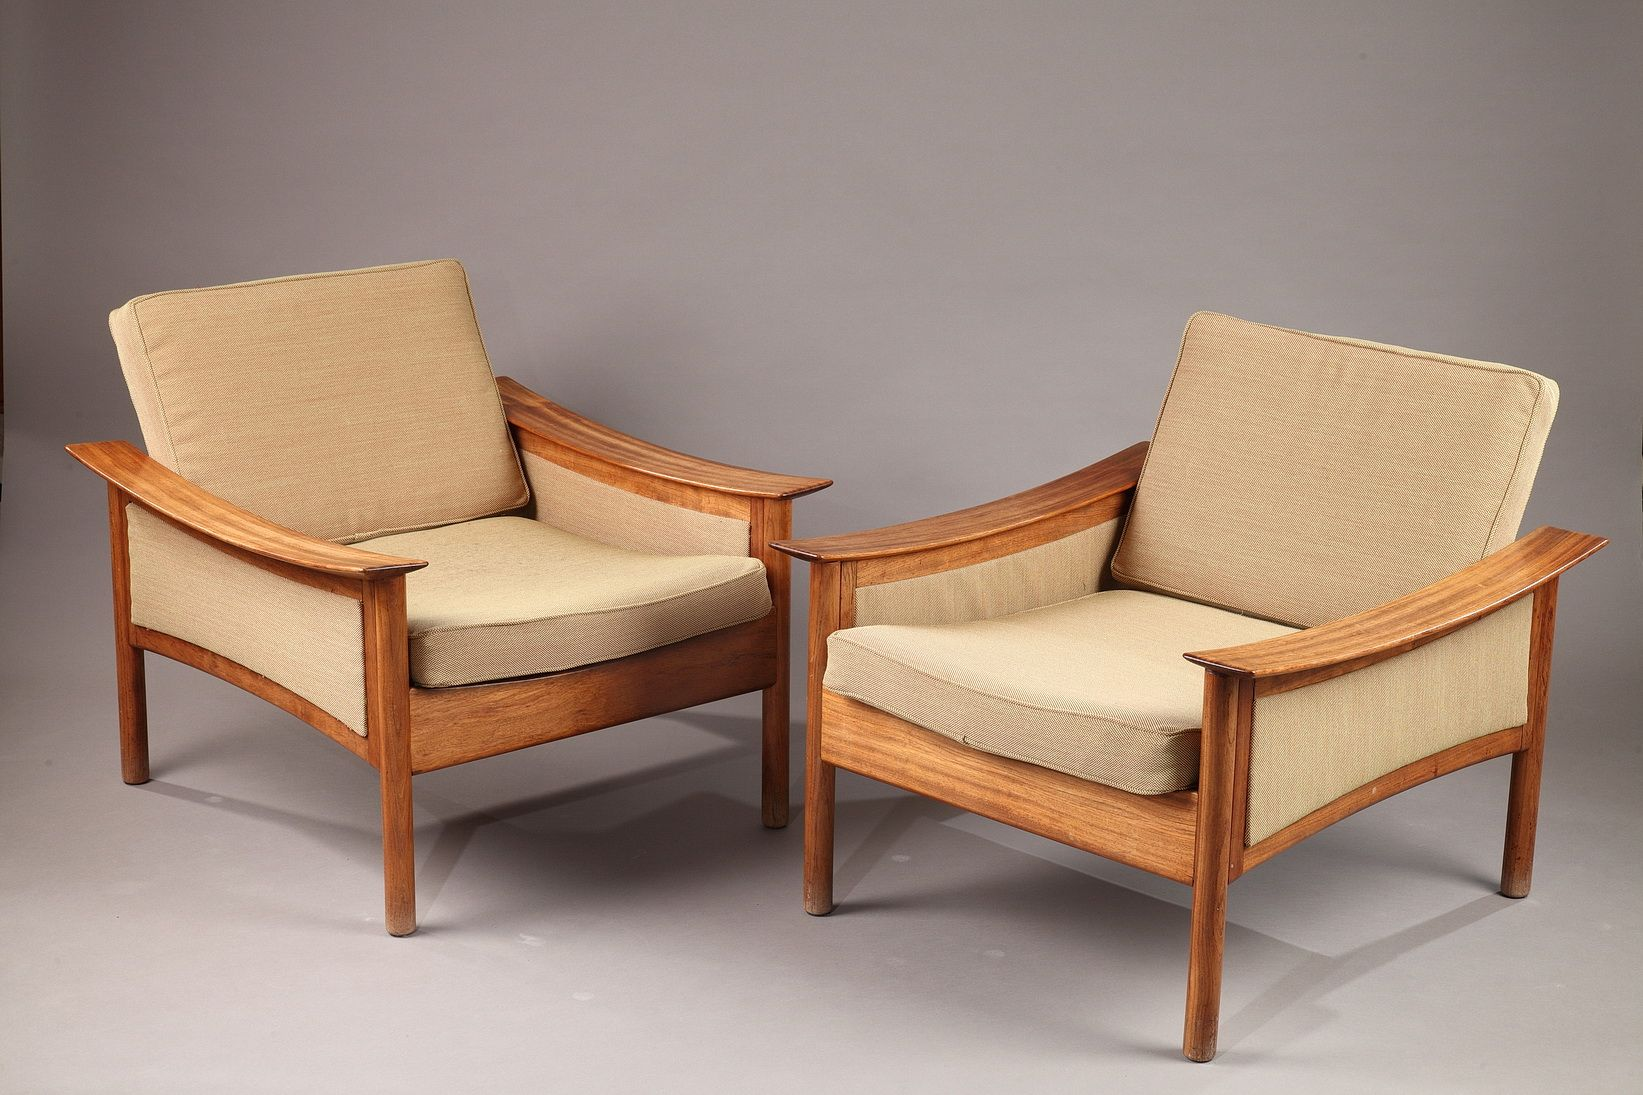 Teakholz Sessel von Oskar Langlo für P. I. Langlos Fabrikker A/S, 1950...